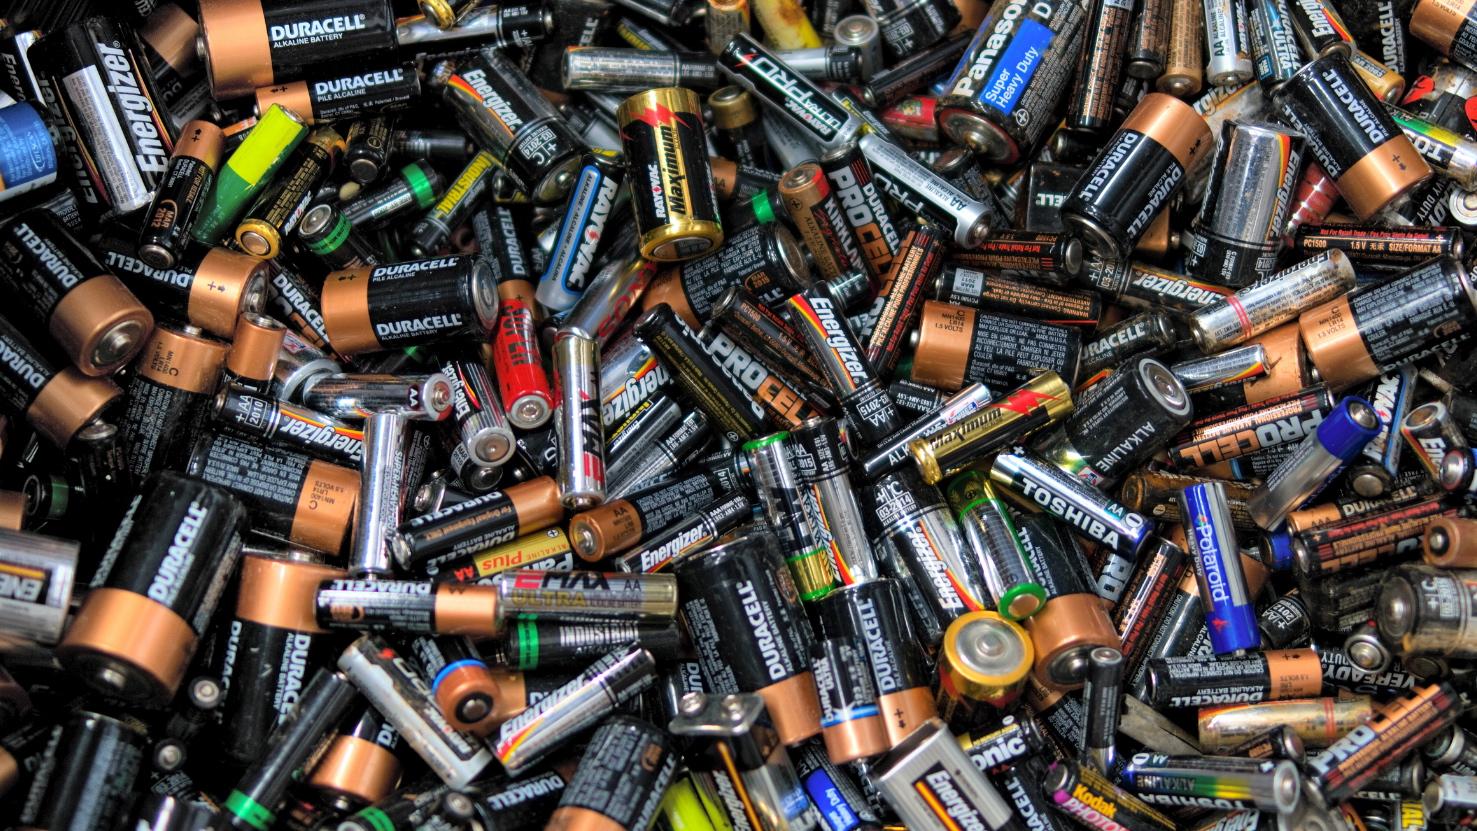 Московские школьники отправили на переработку 160 кг батареек